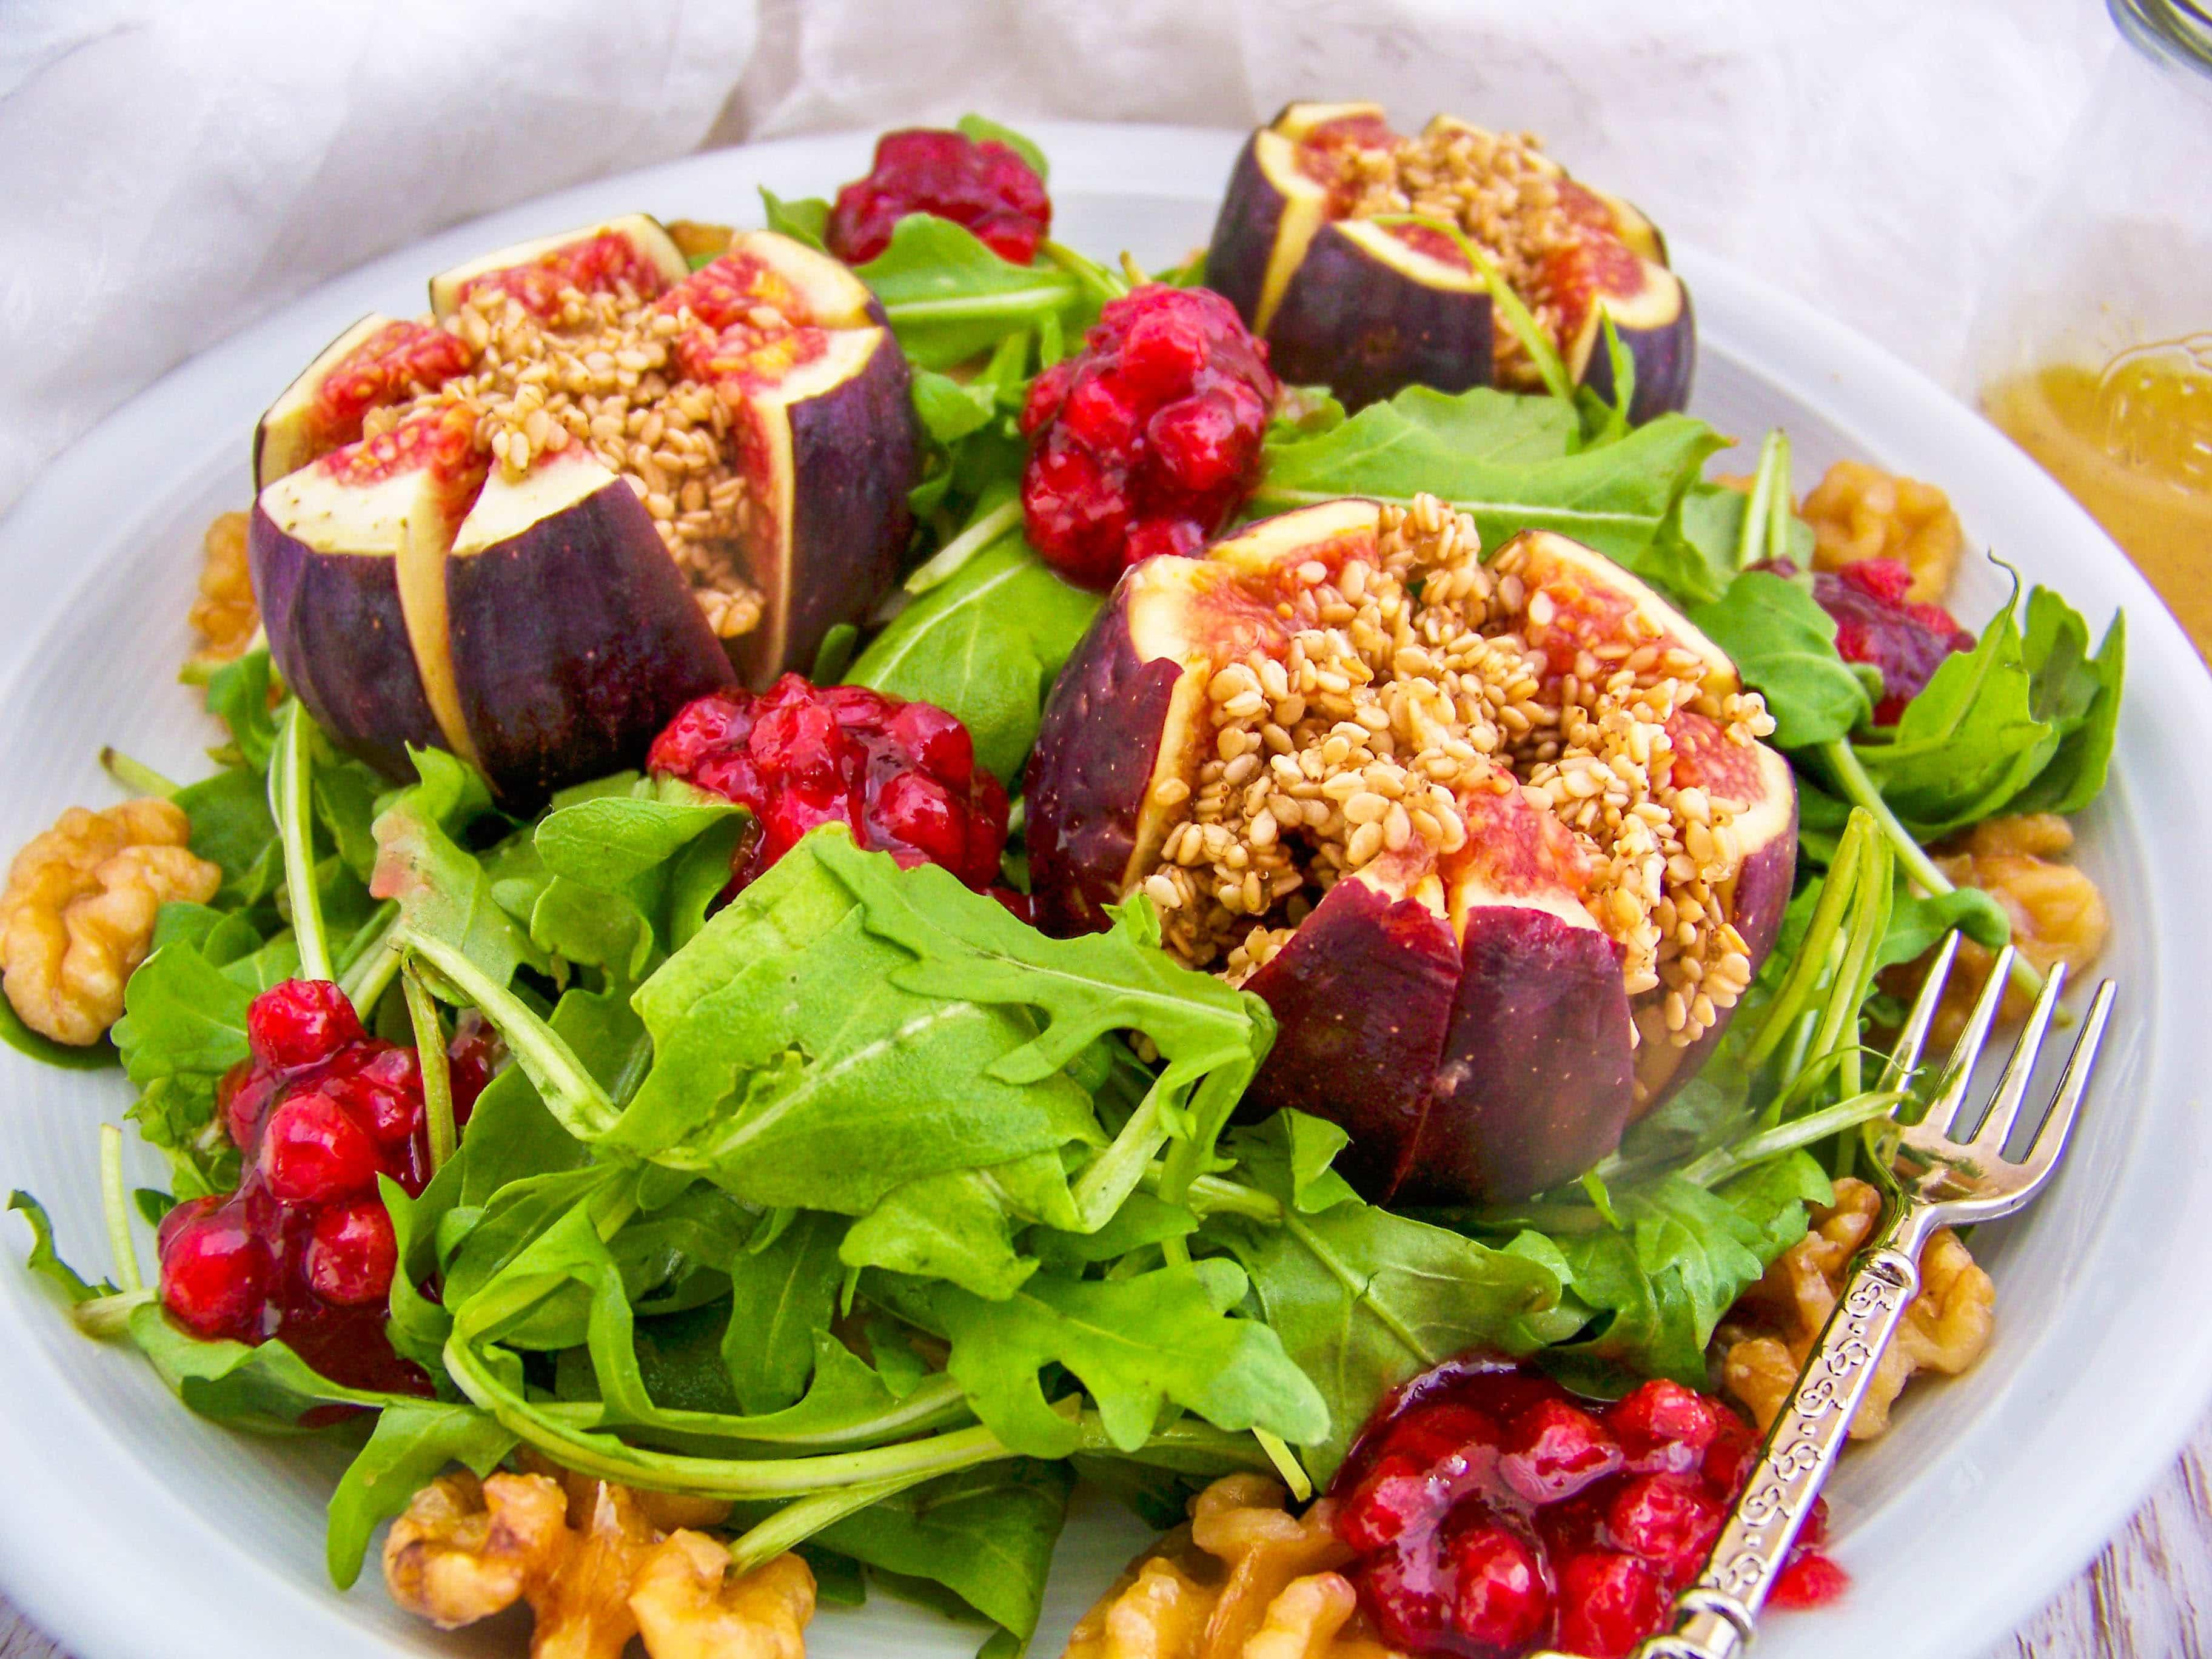 Rucolasalat-mit-Feigen-und-Preiselbeeren Herbstsalat